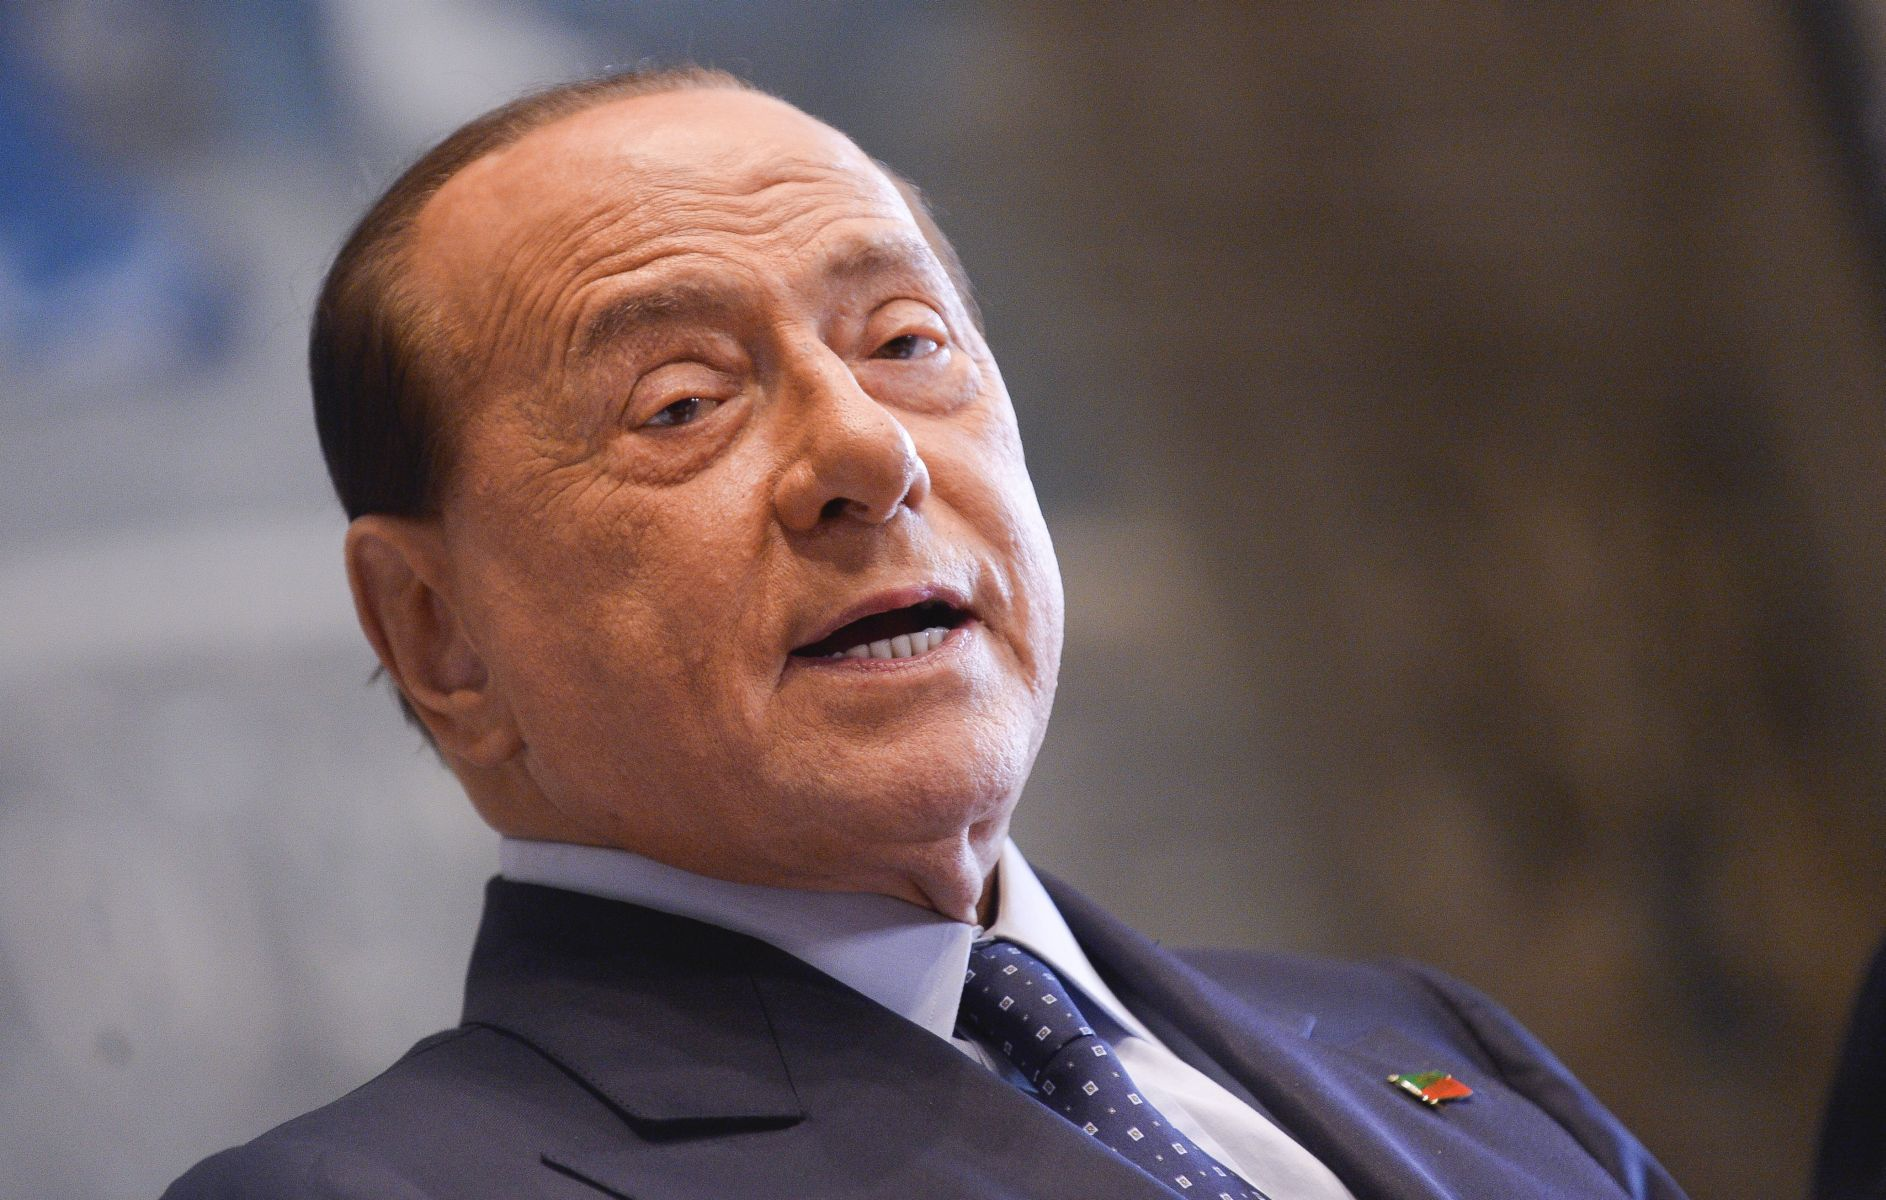 """Giustizia, Berlusconi """"mi aspetto scelte in linea con giusto processo"""""""